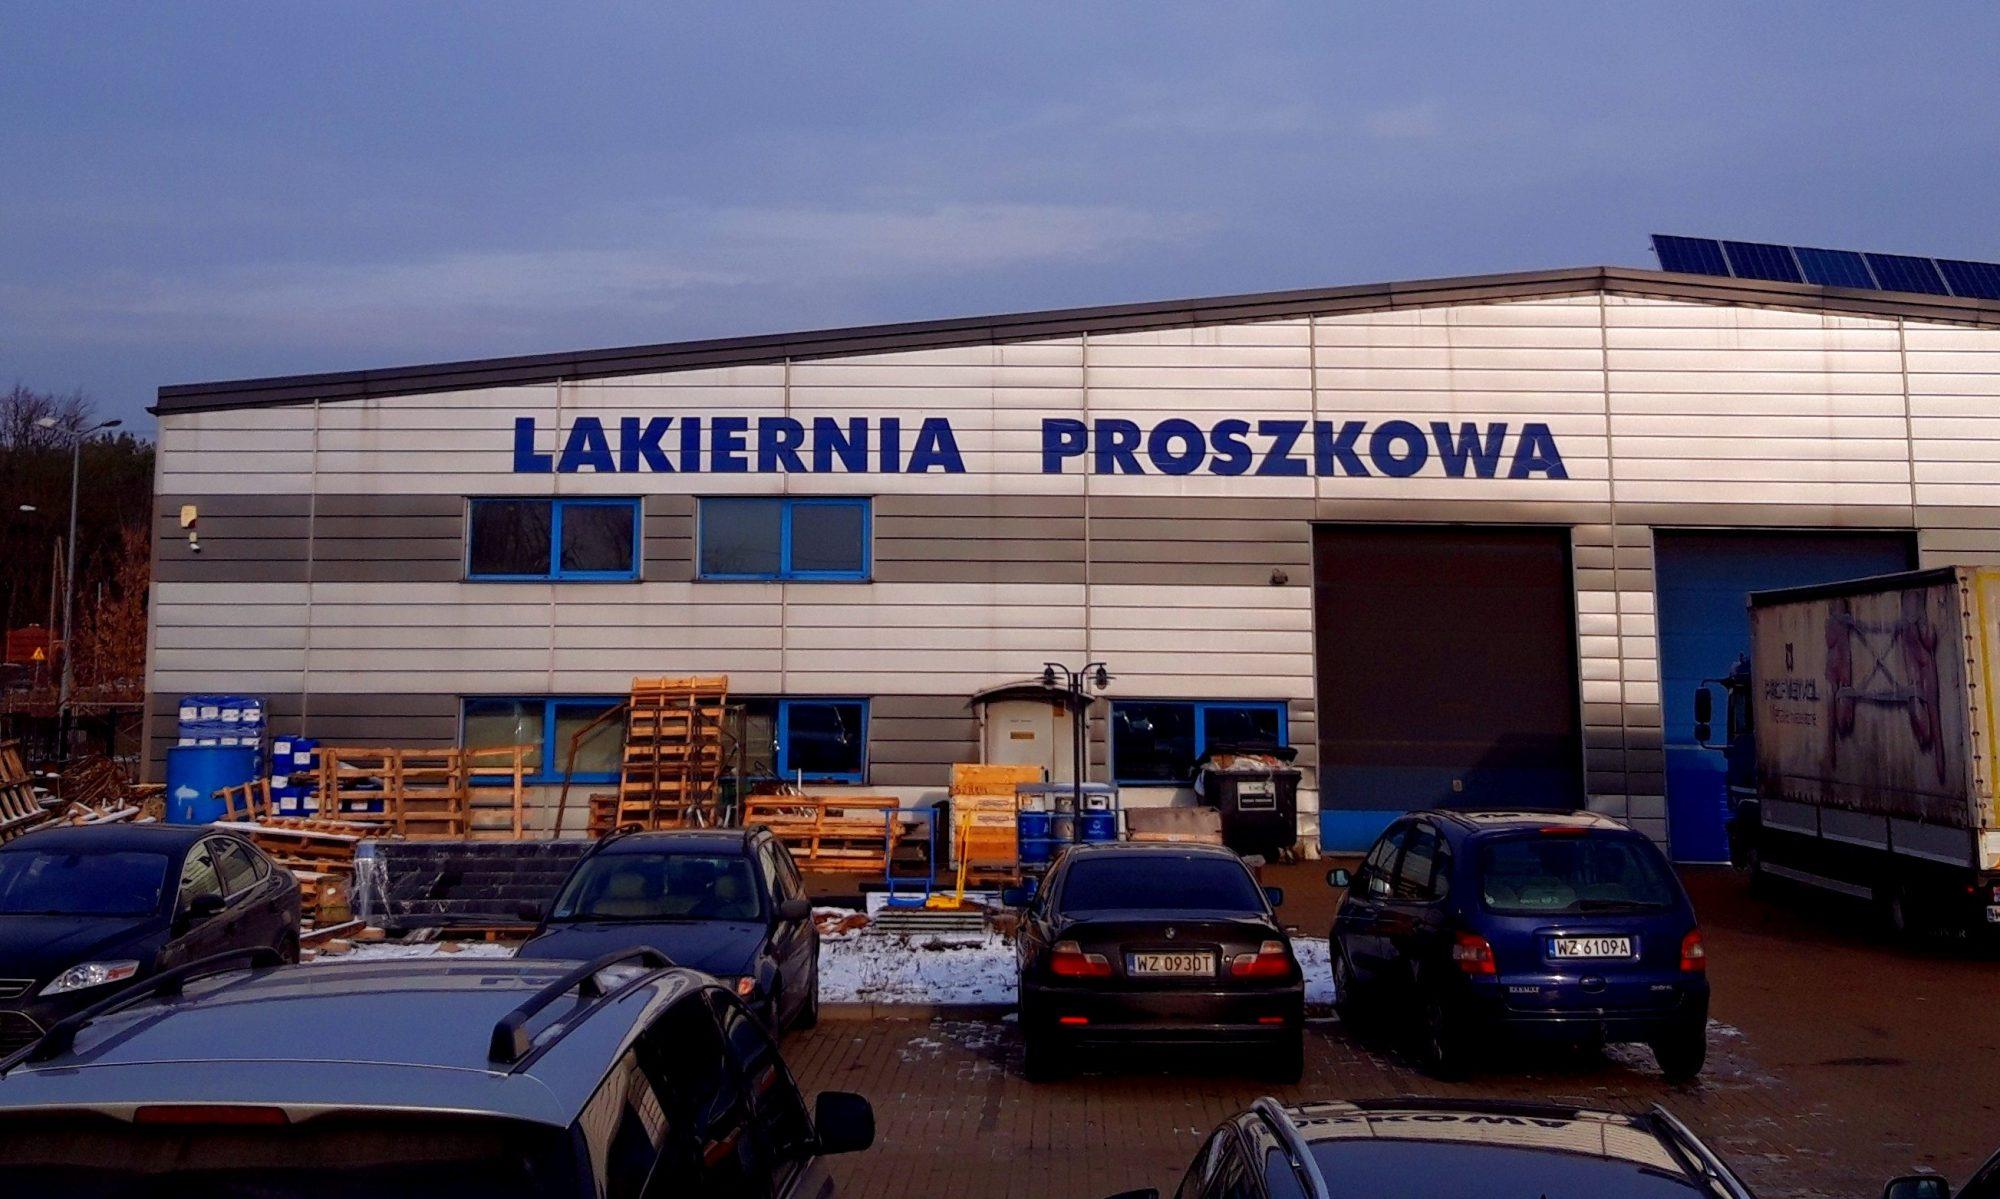 Lakiernia Proszkowa